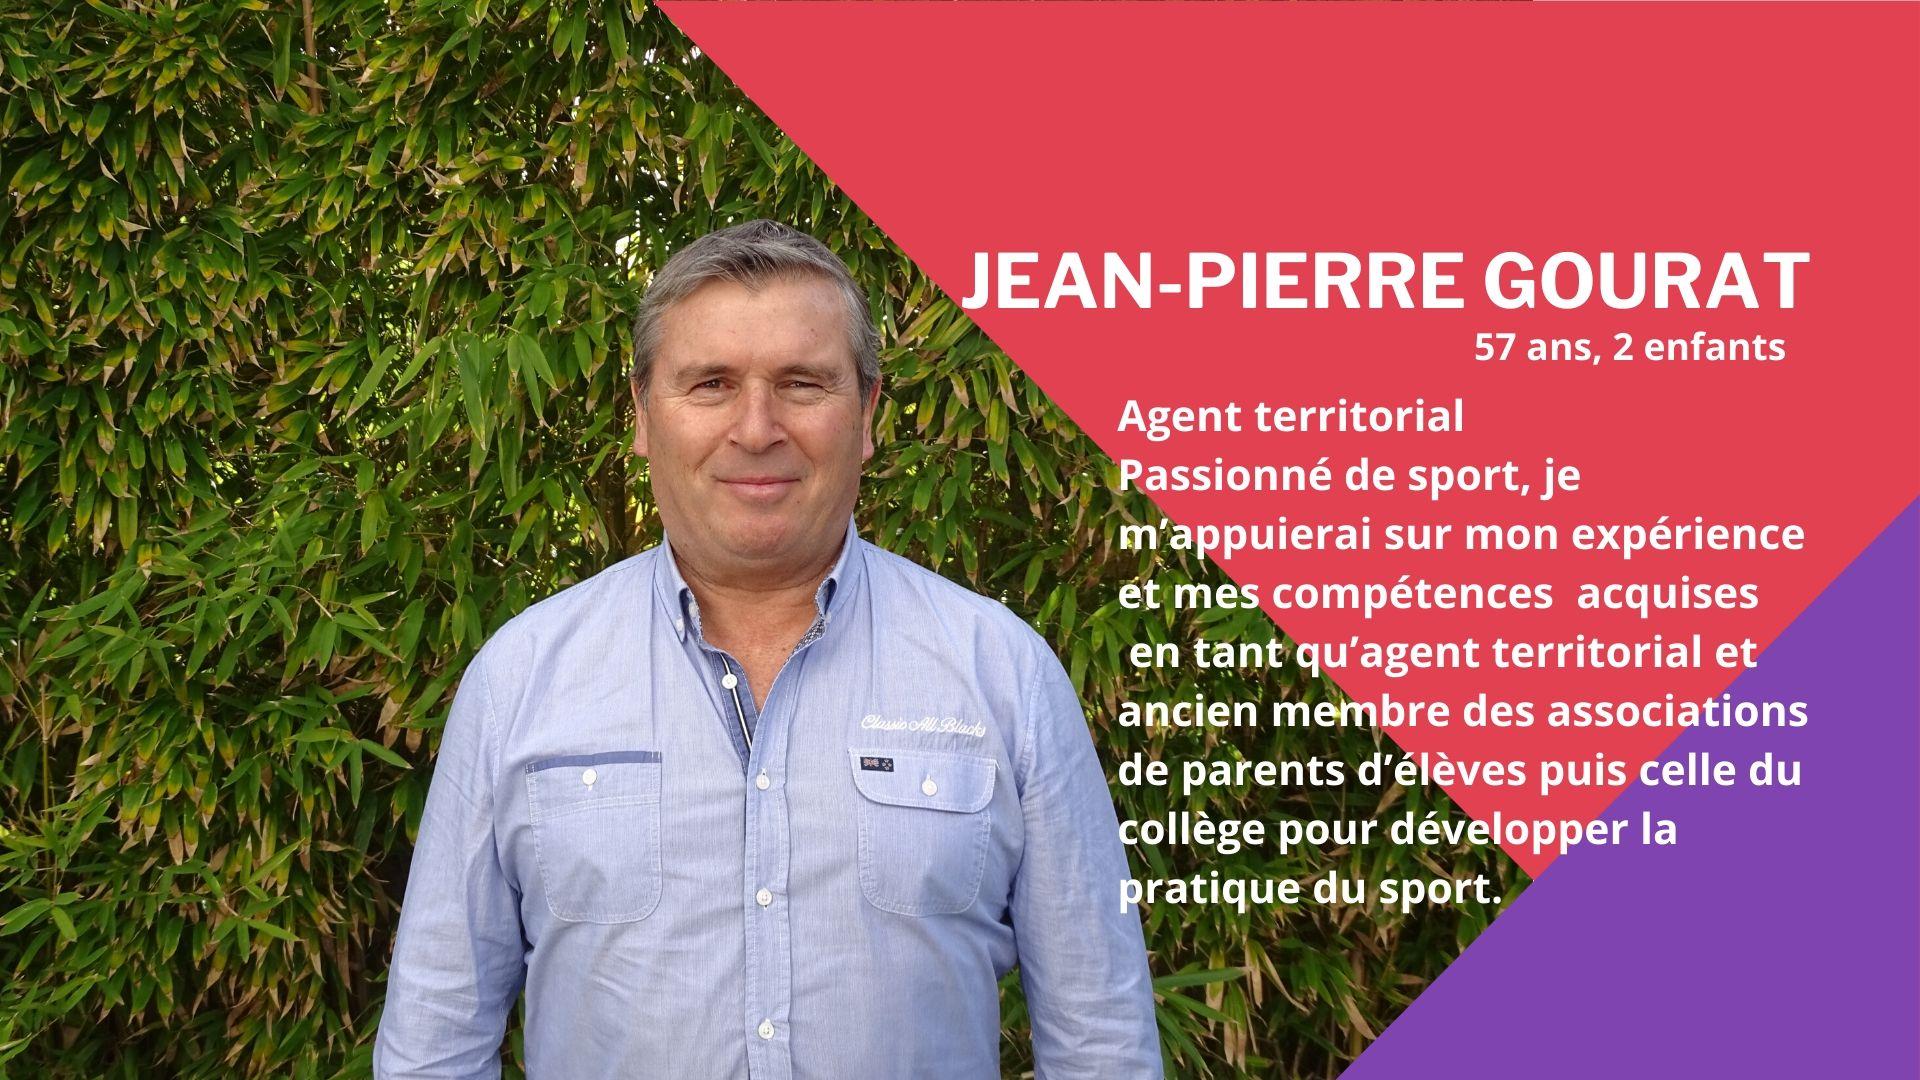 Le Revivre - Jean-Pierre Gourat